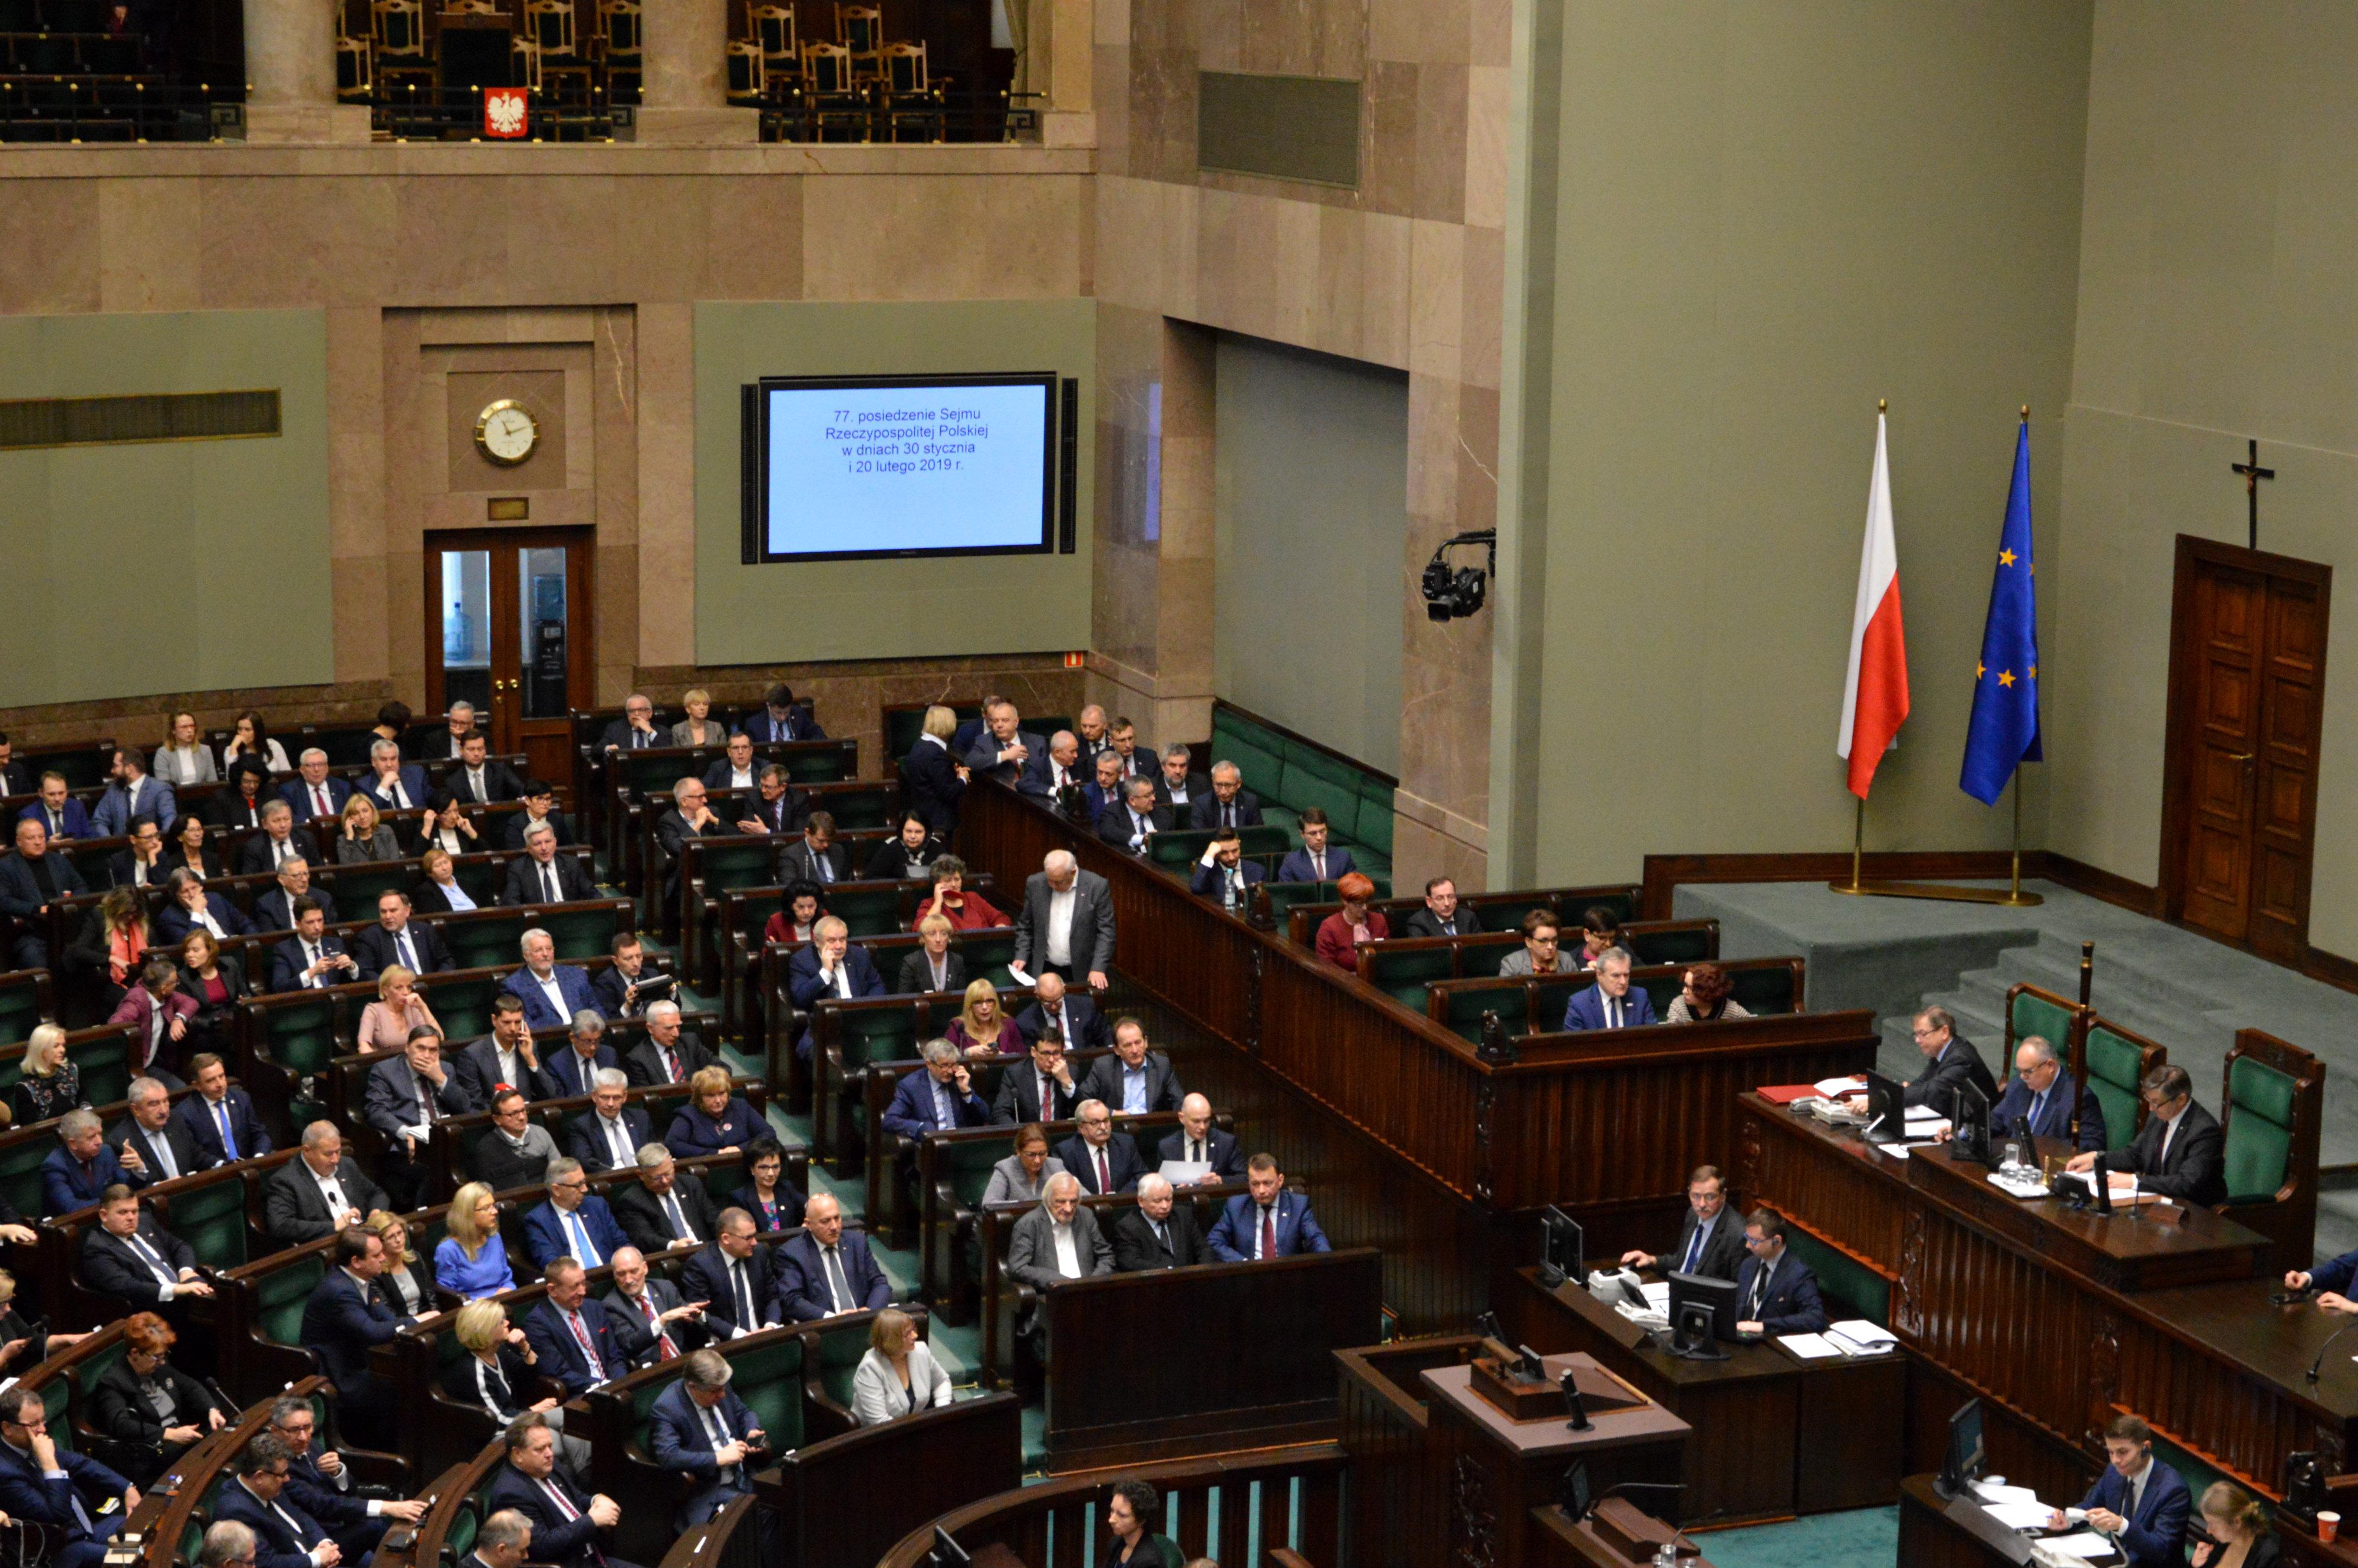 Zakończył się drugi dzień 77. posiedzenia Sejmu RP.  Posiedzenie będzie kontynuowane 20 lutego 2019 r.